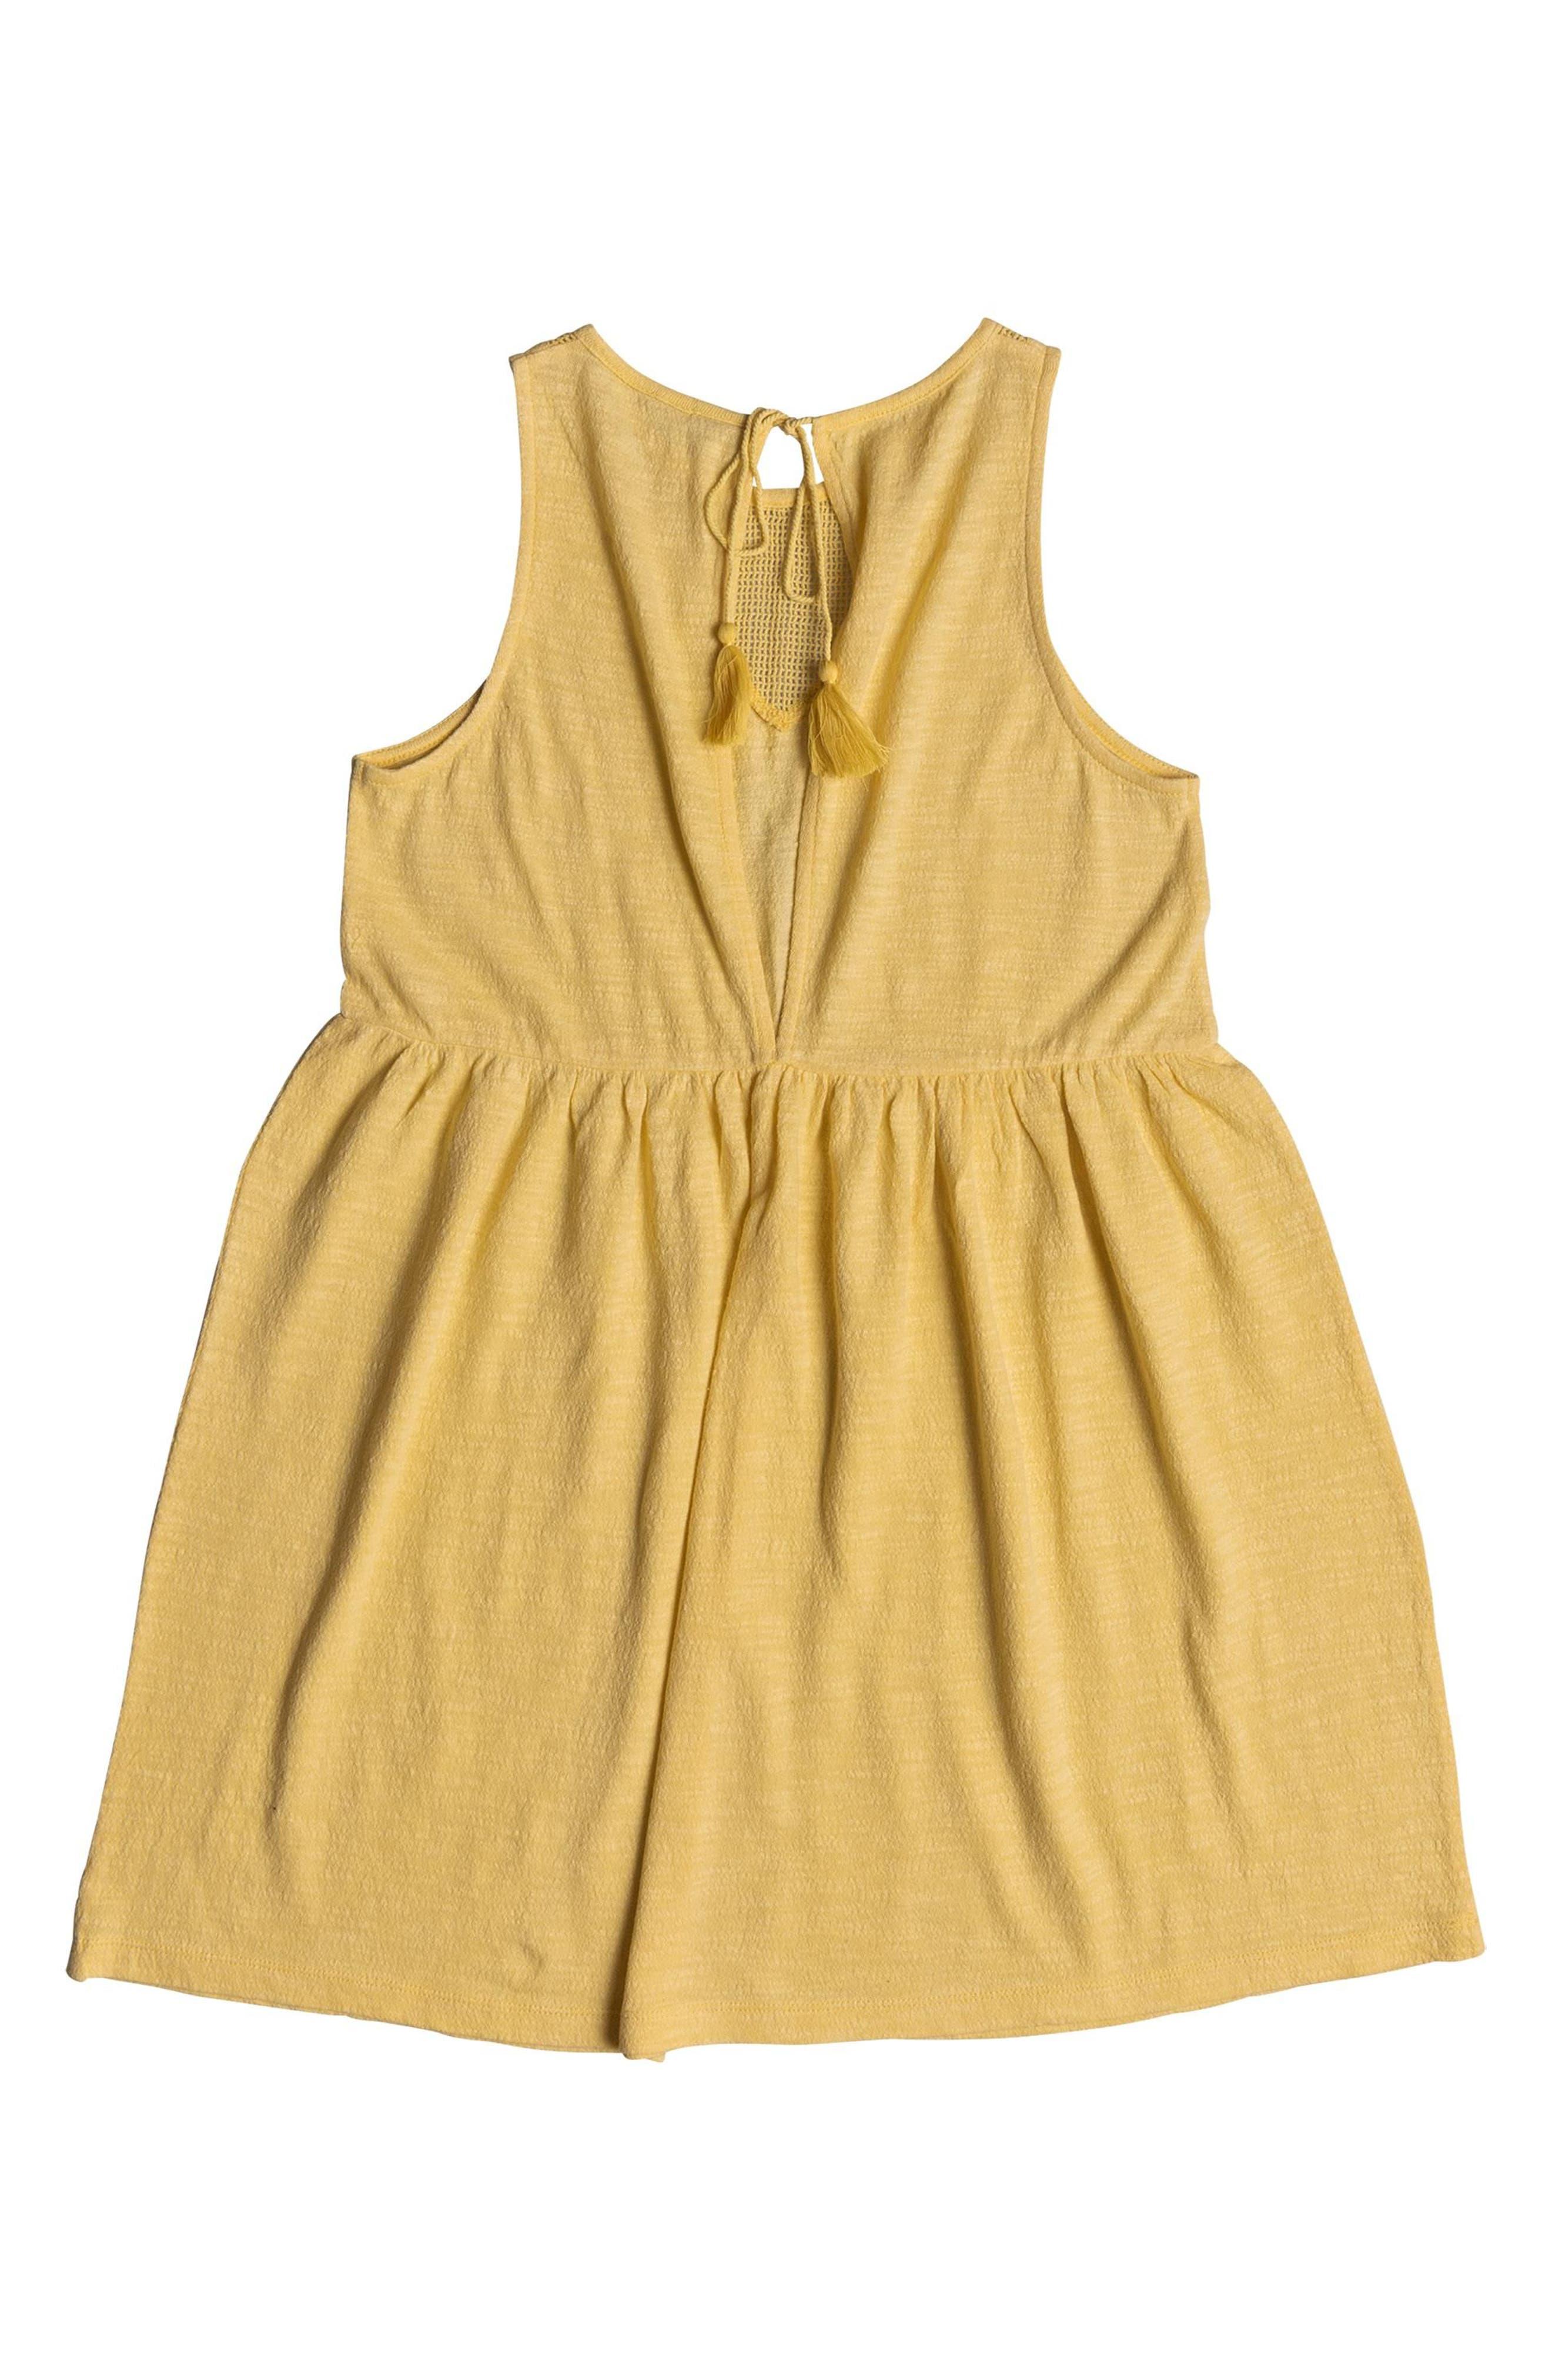 Tucson Cotton Dress,                             Alternate thumbnail 17, color,